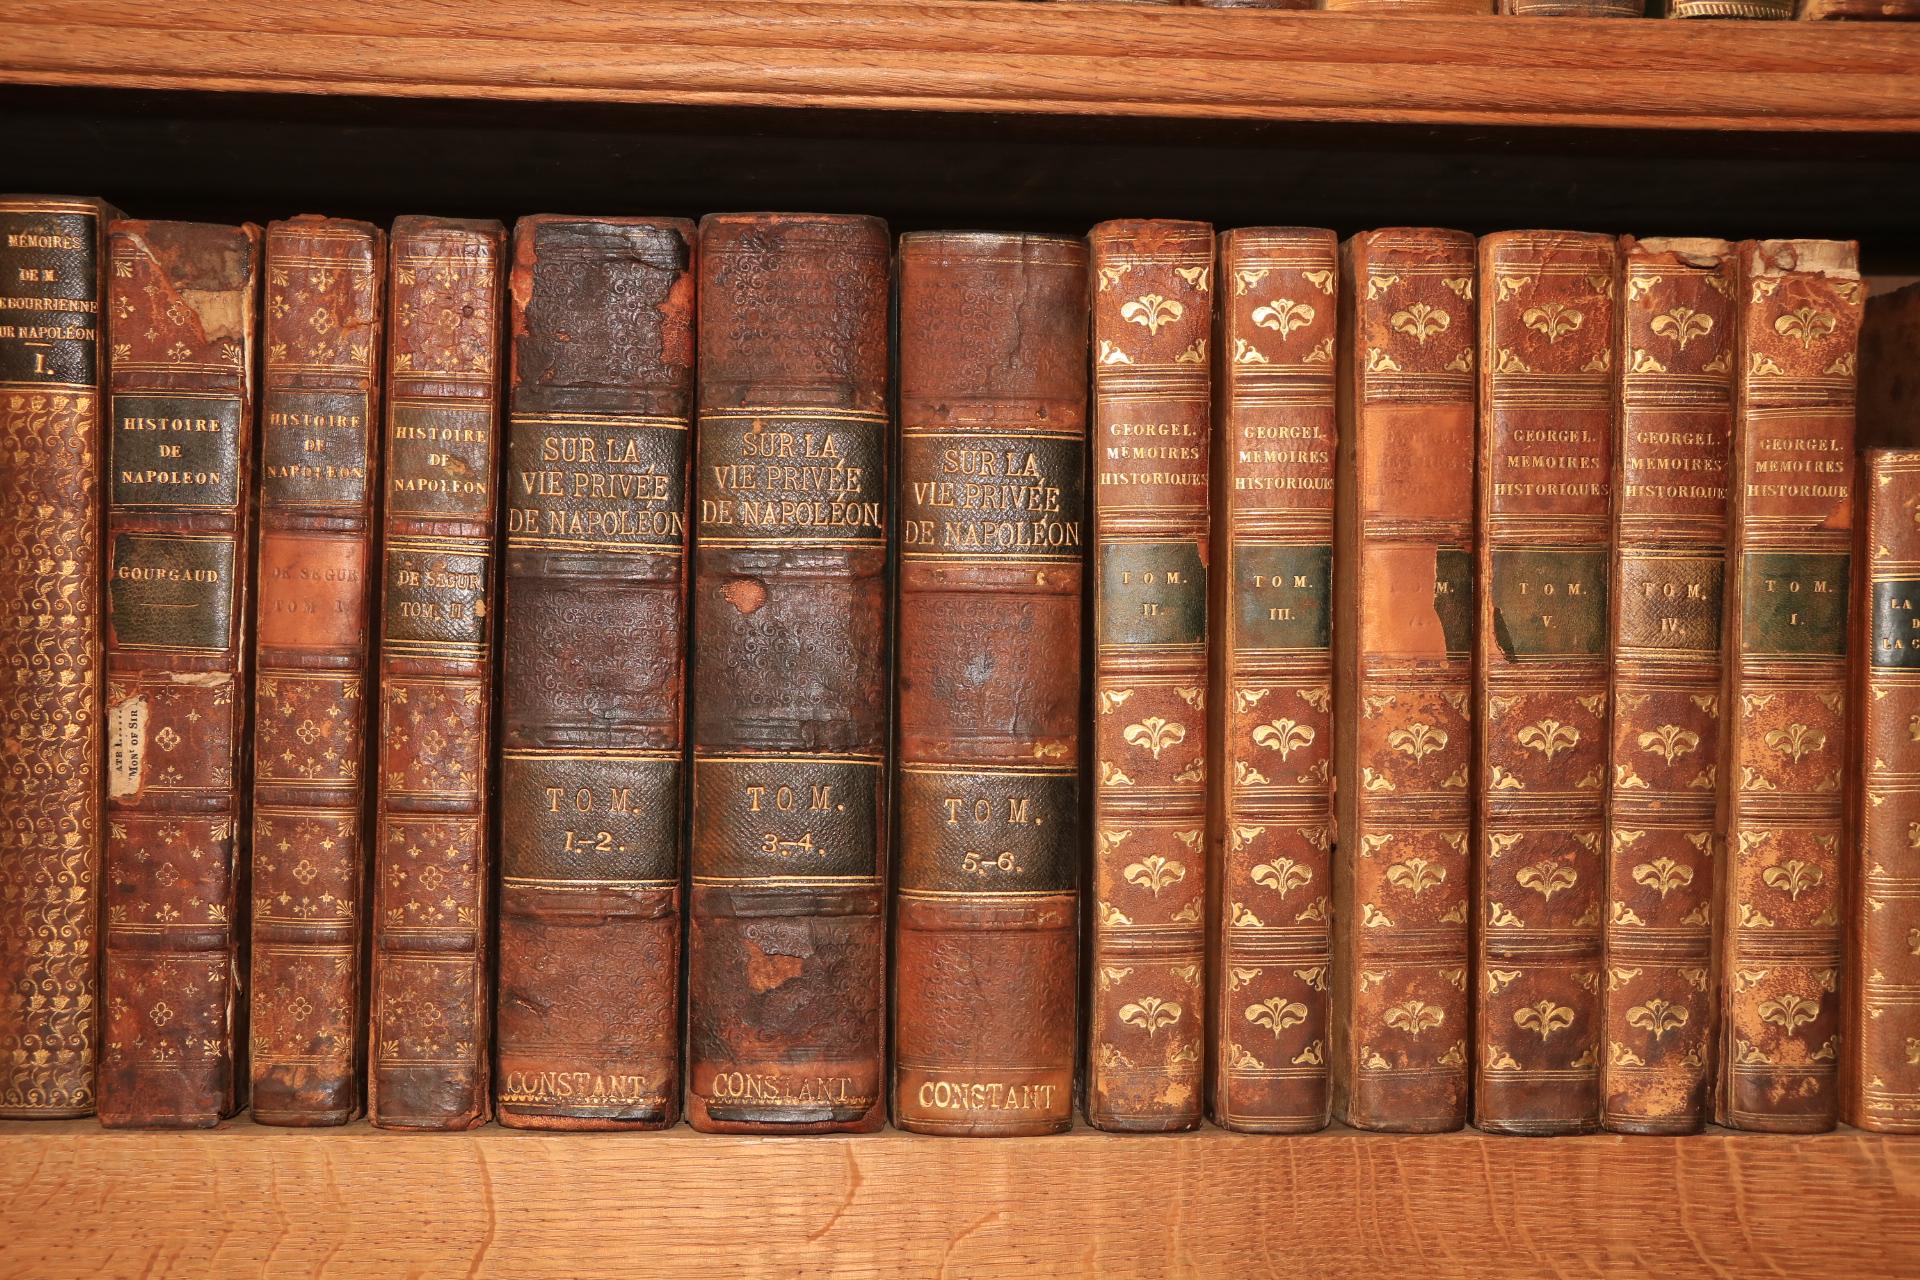 French Literature:ÿ [Mouchet]ÿDictionaire contenant les Anecdotes Historiques de L'Amour, depuis - Image 3 of 4